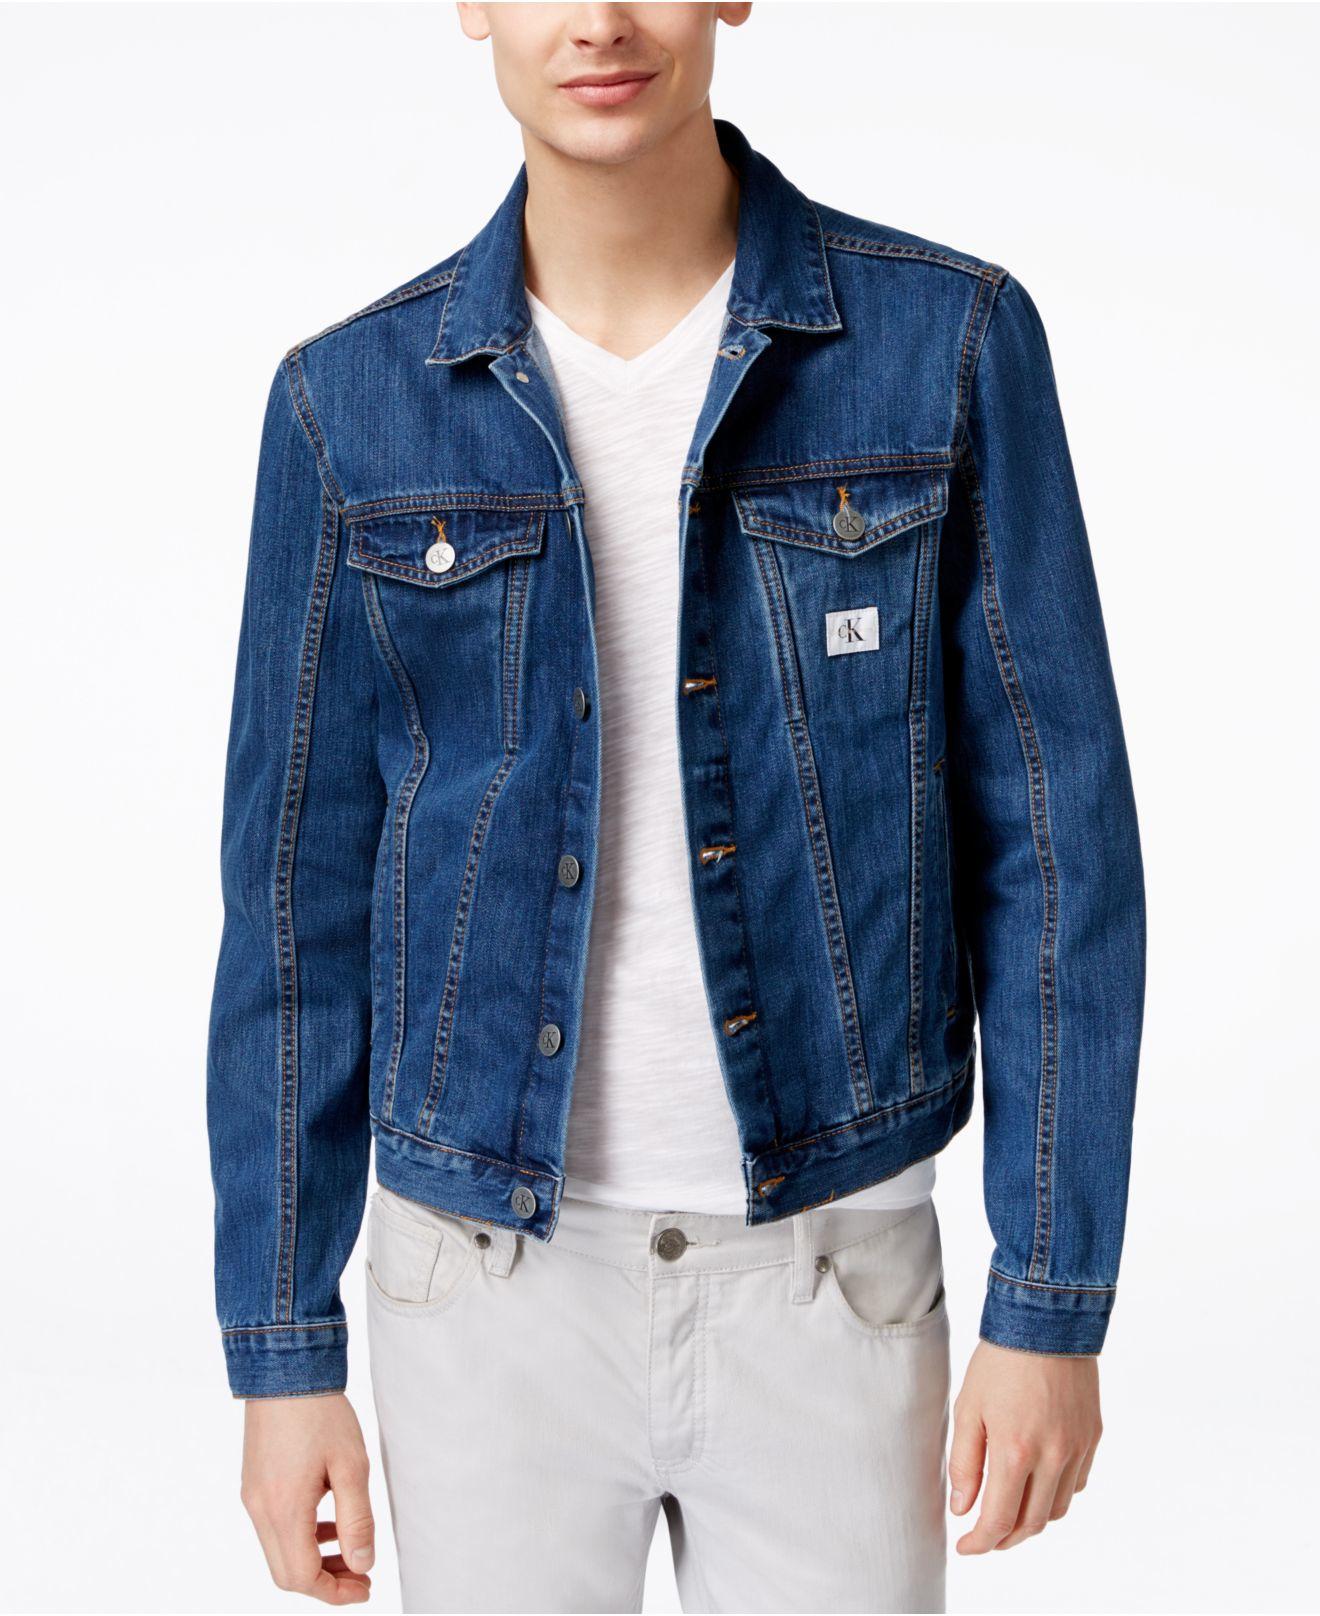 Calvin klein jeans Menu0026#39;s Medium-wash Denim Trucker Jacket in Blue for Men (Medium) | Lyst